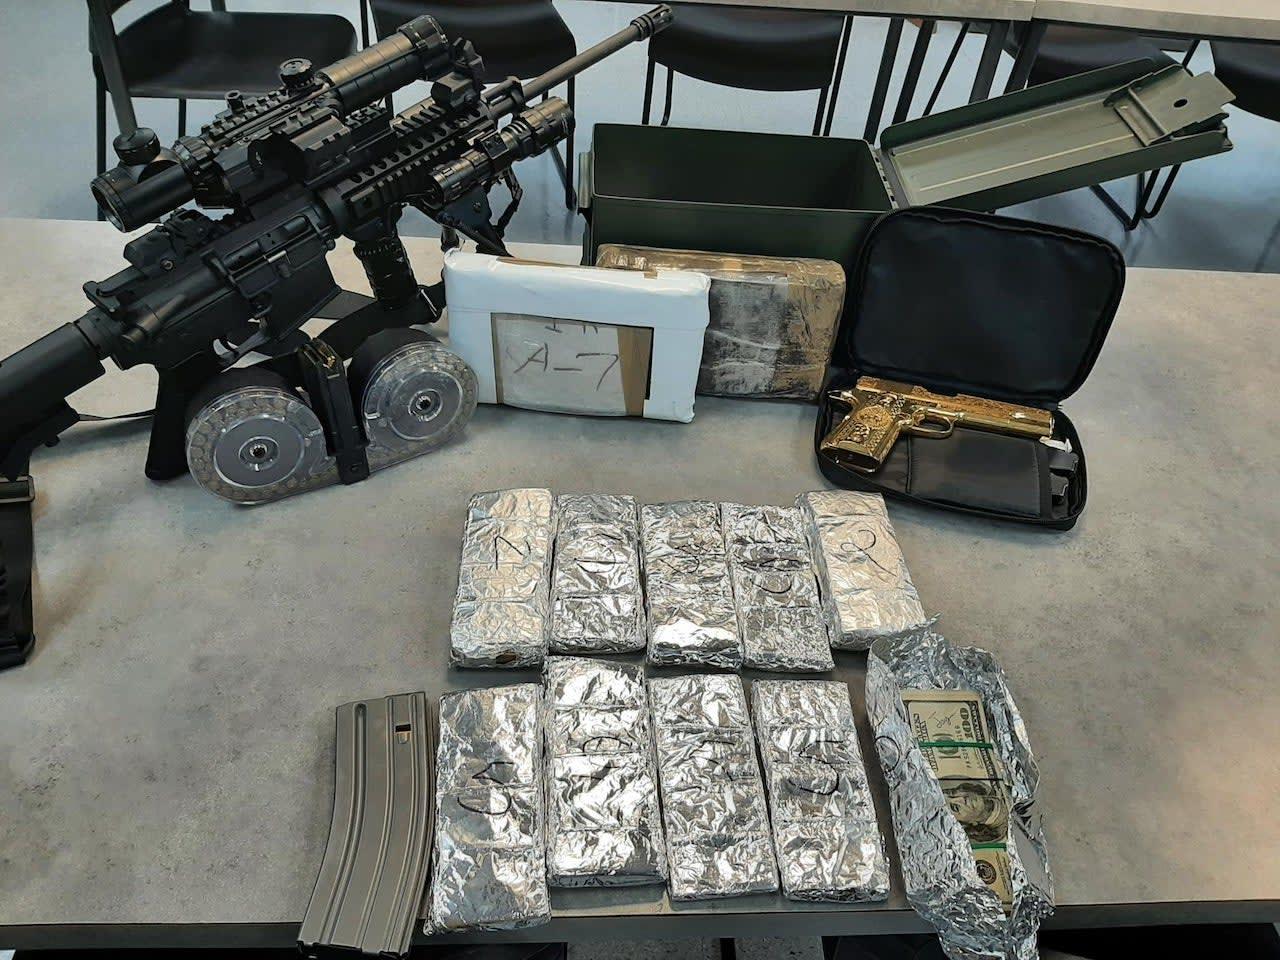 El hallazgo de la pistola, un rifle y miles de dólares